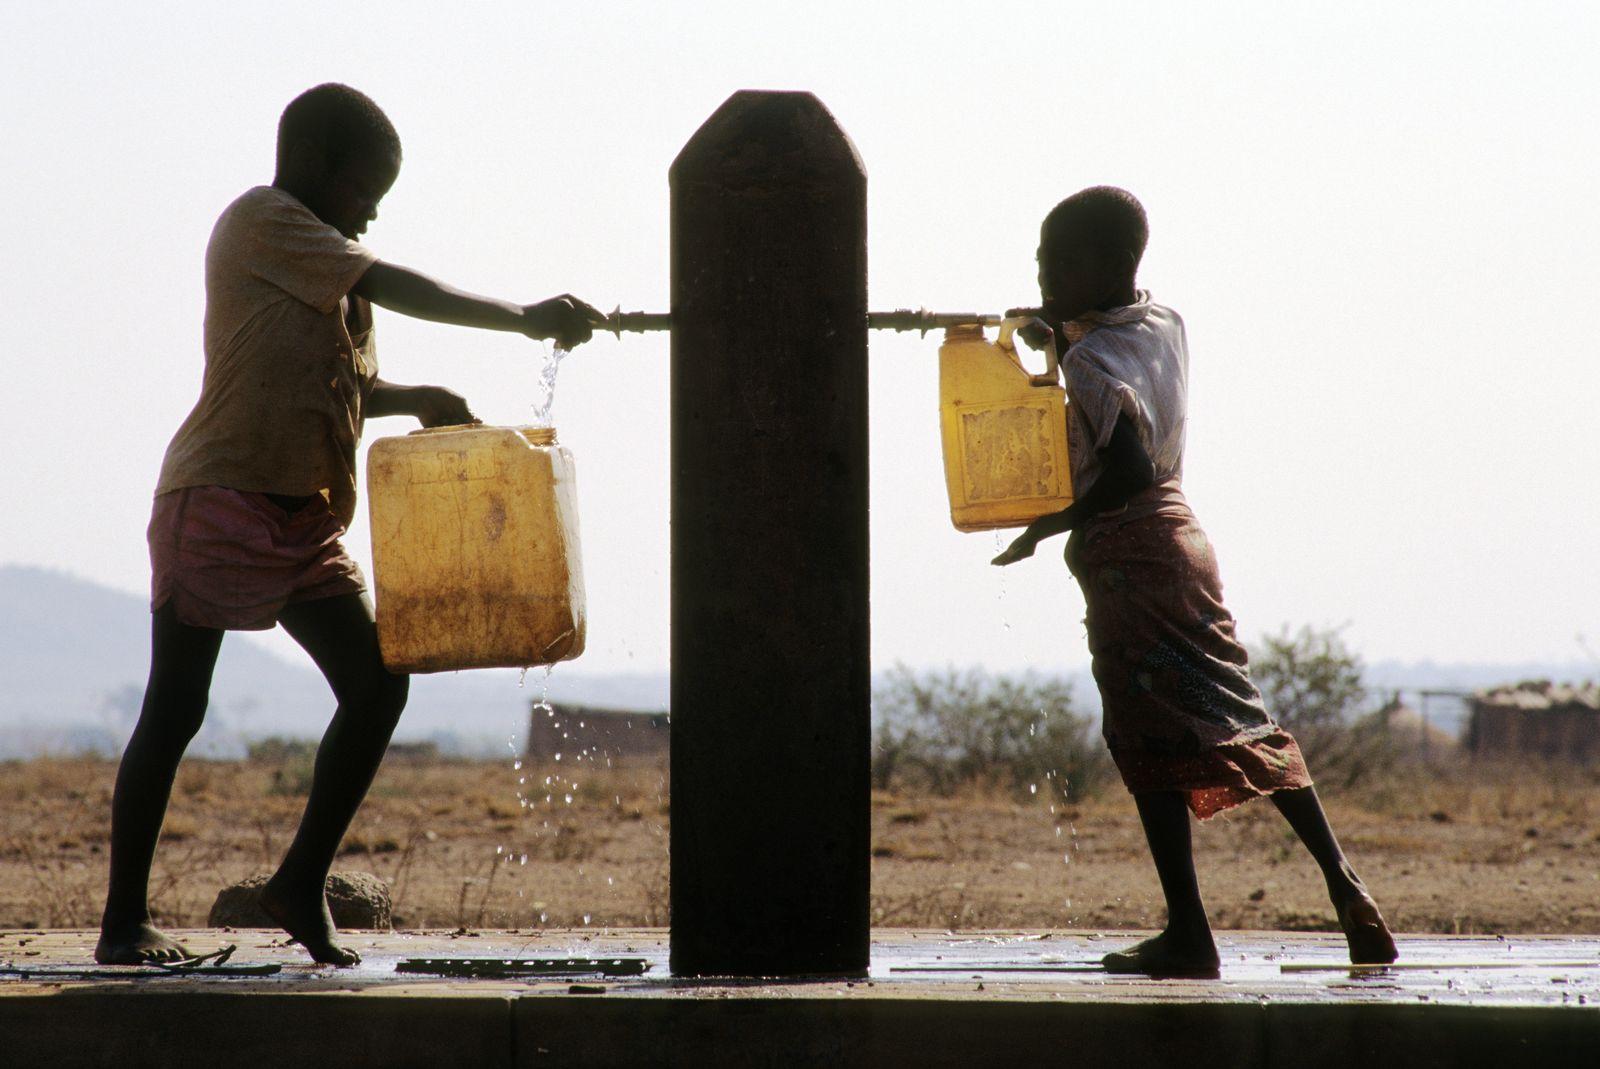 NICHT MEHR VERWENDEN! - Afrika / Brunnen